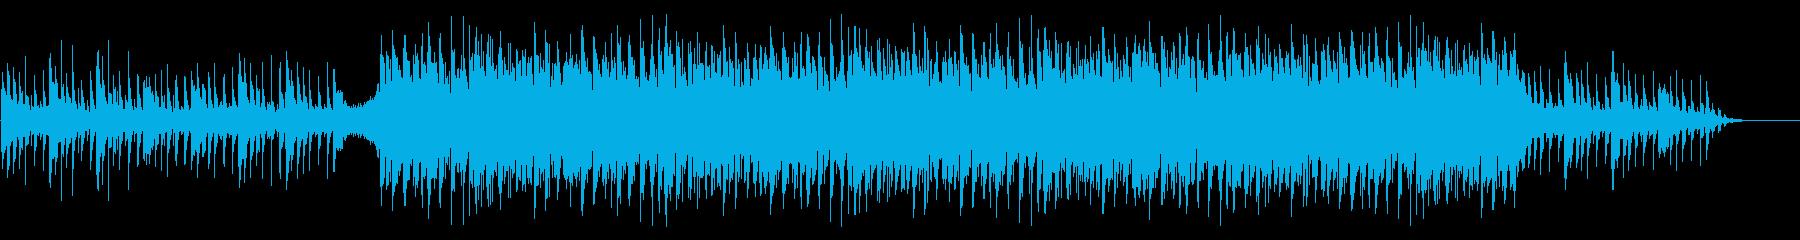 晴れやかポジティブ企業VP会社紹介系1分の再生済みの波形